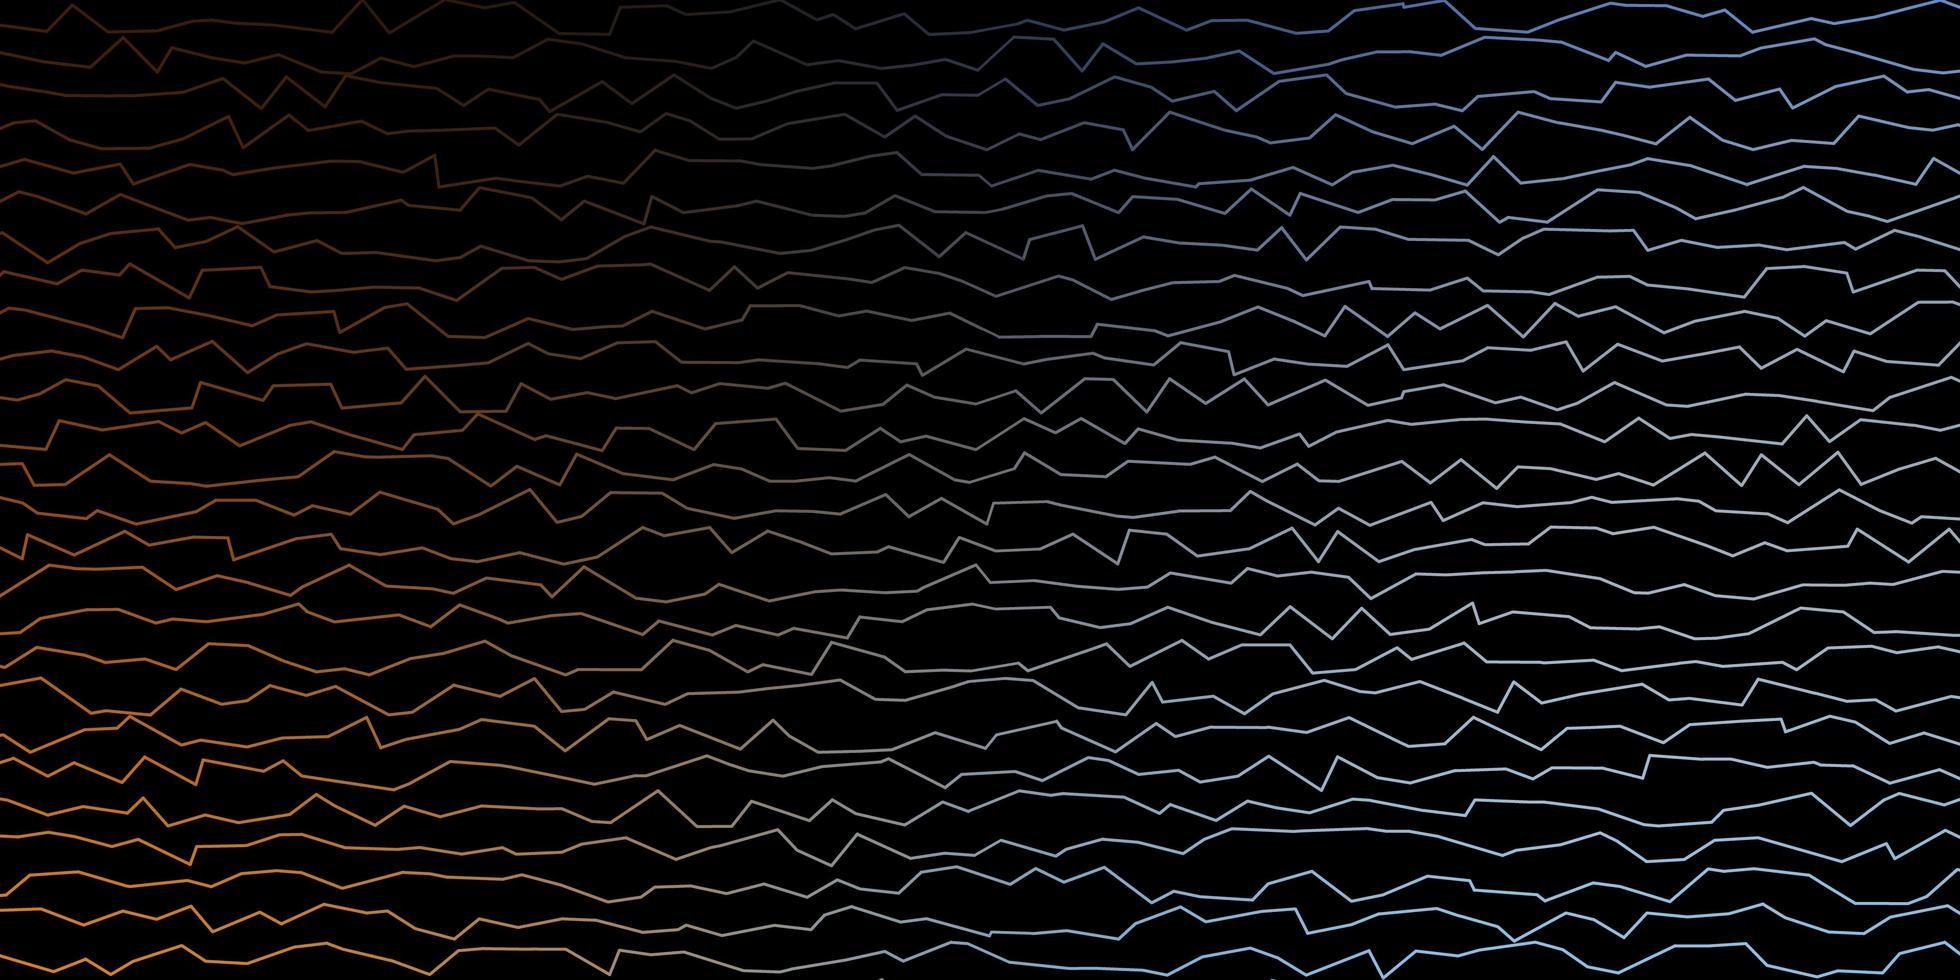 donkerblauw, geel vectorpatroon met lijnen. vector